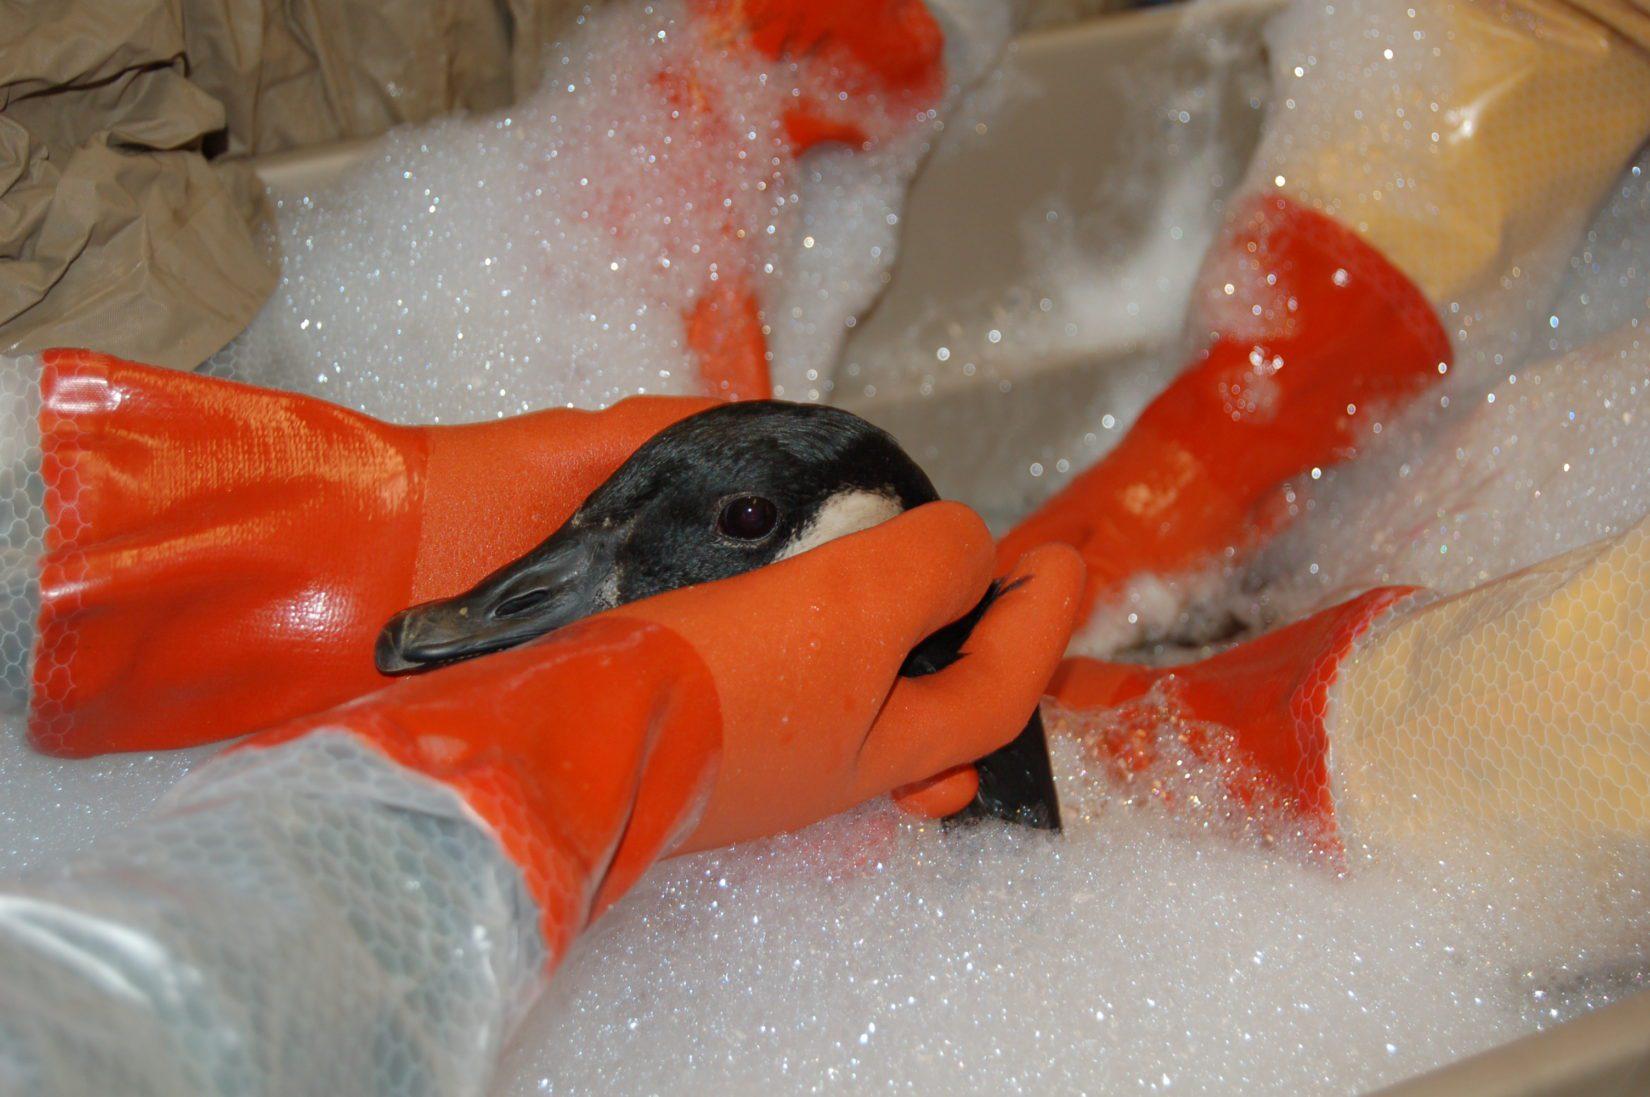 An oiled Canada goose gets a bath